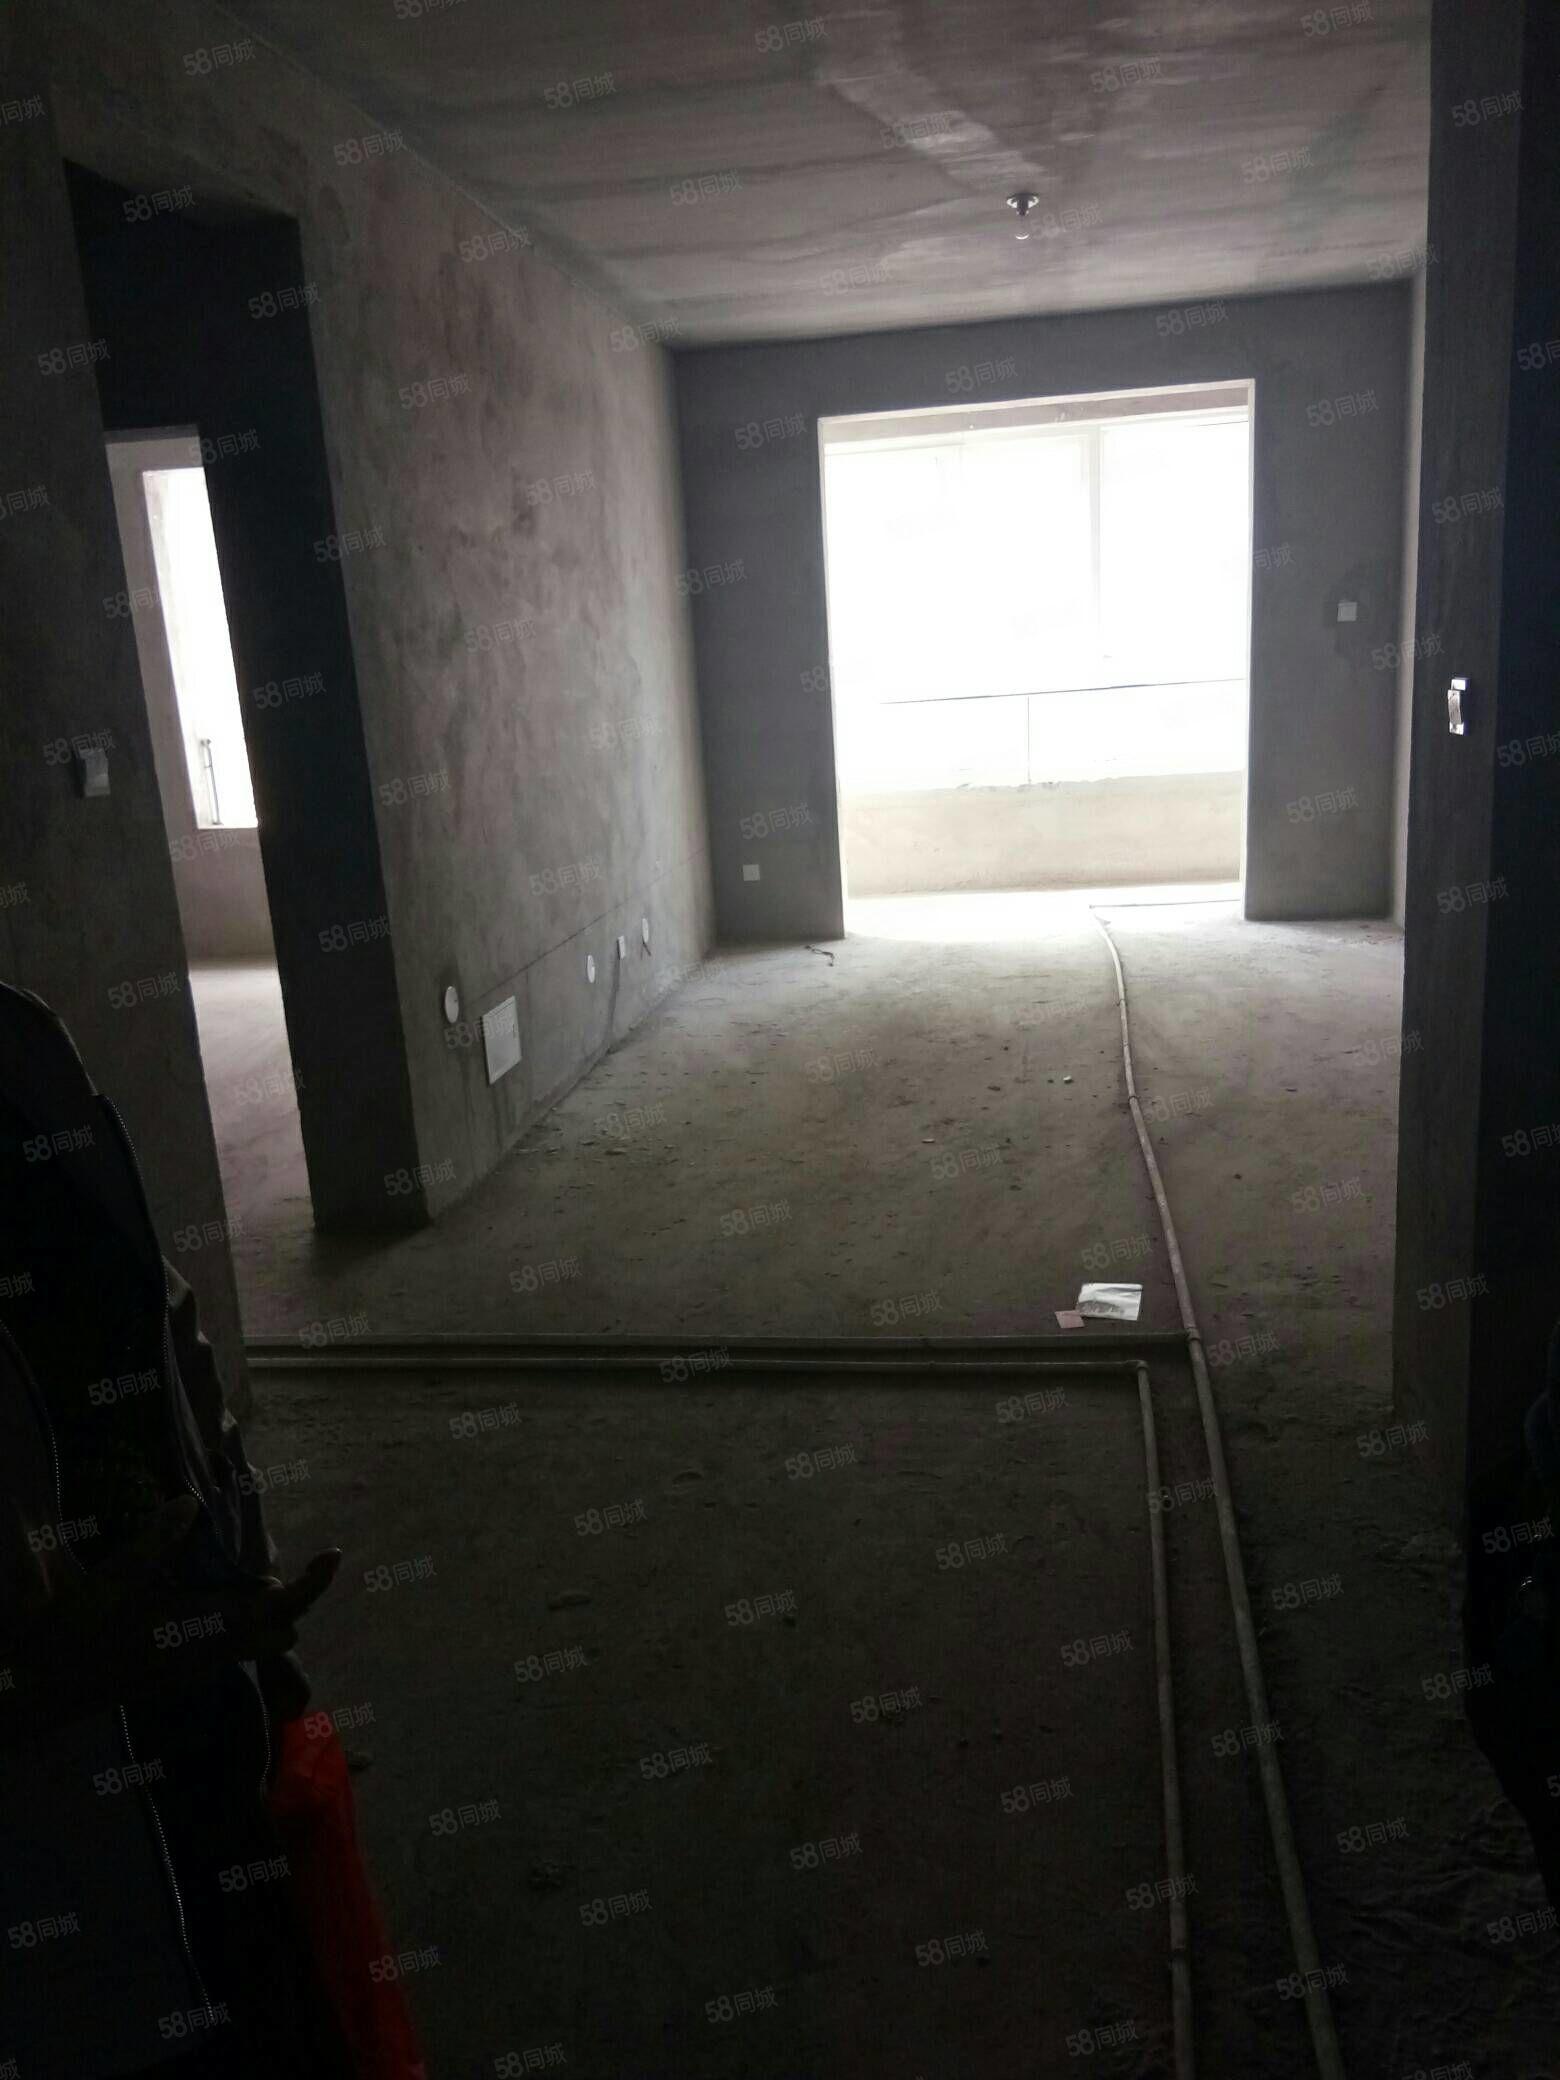 安泽苑西区,电梯房,3室2厅,115平米毛坯